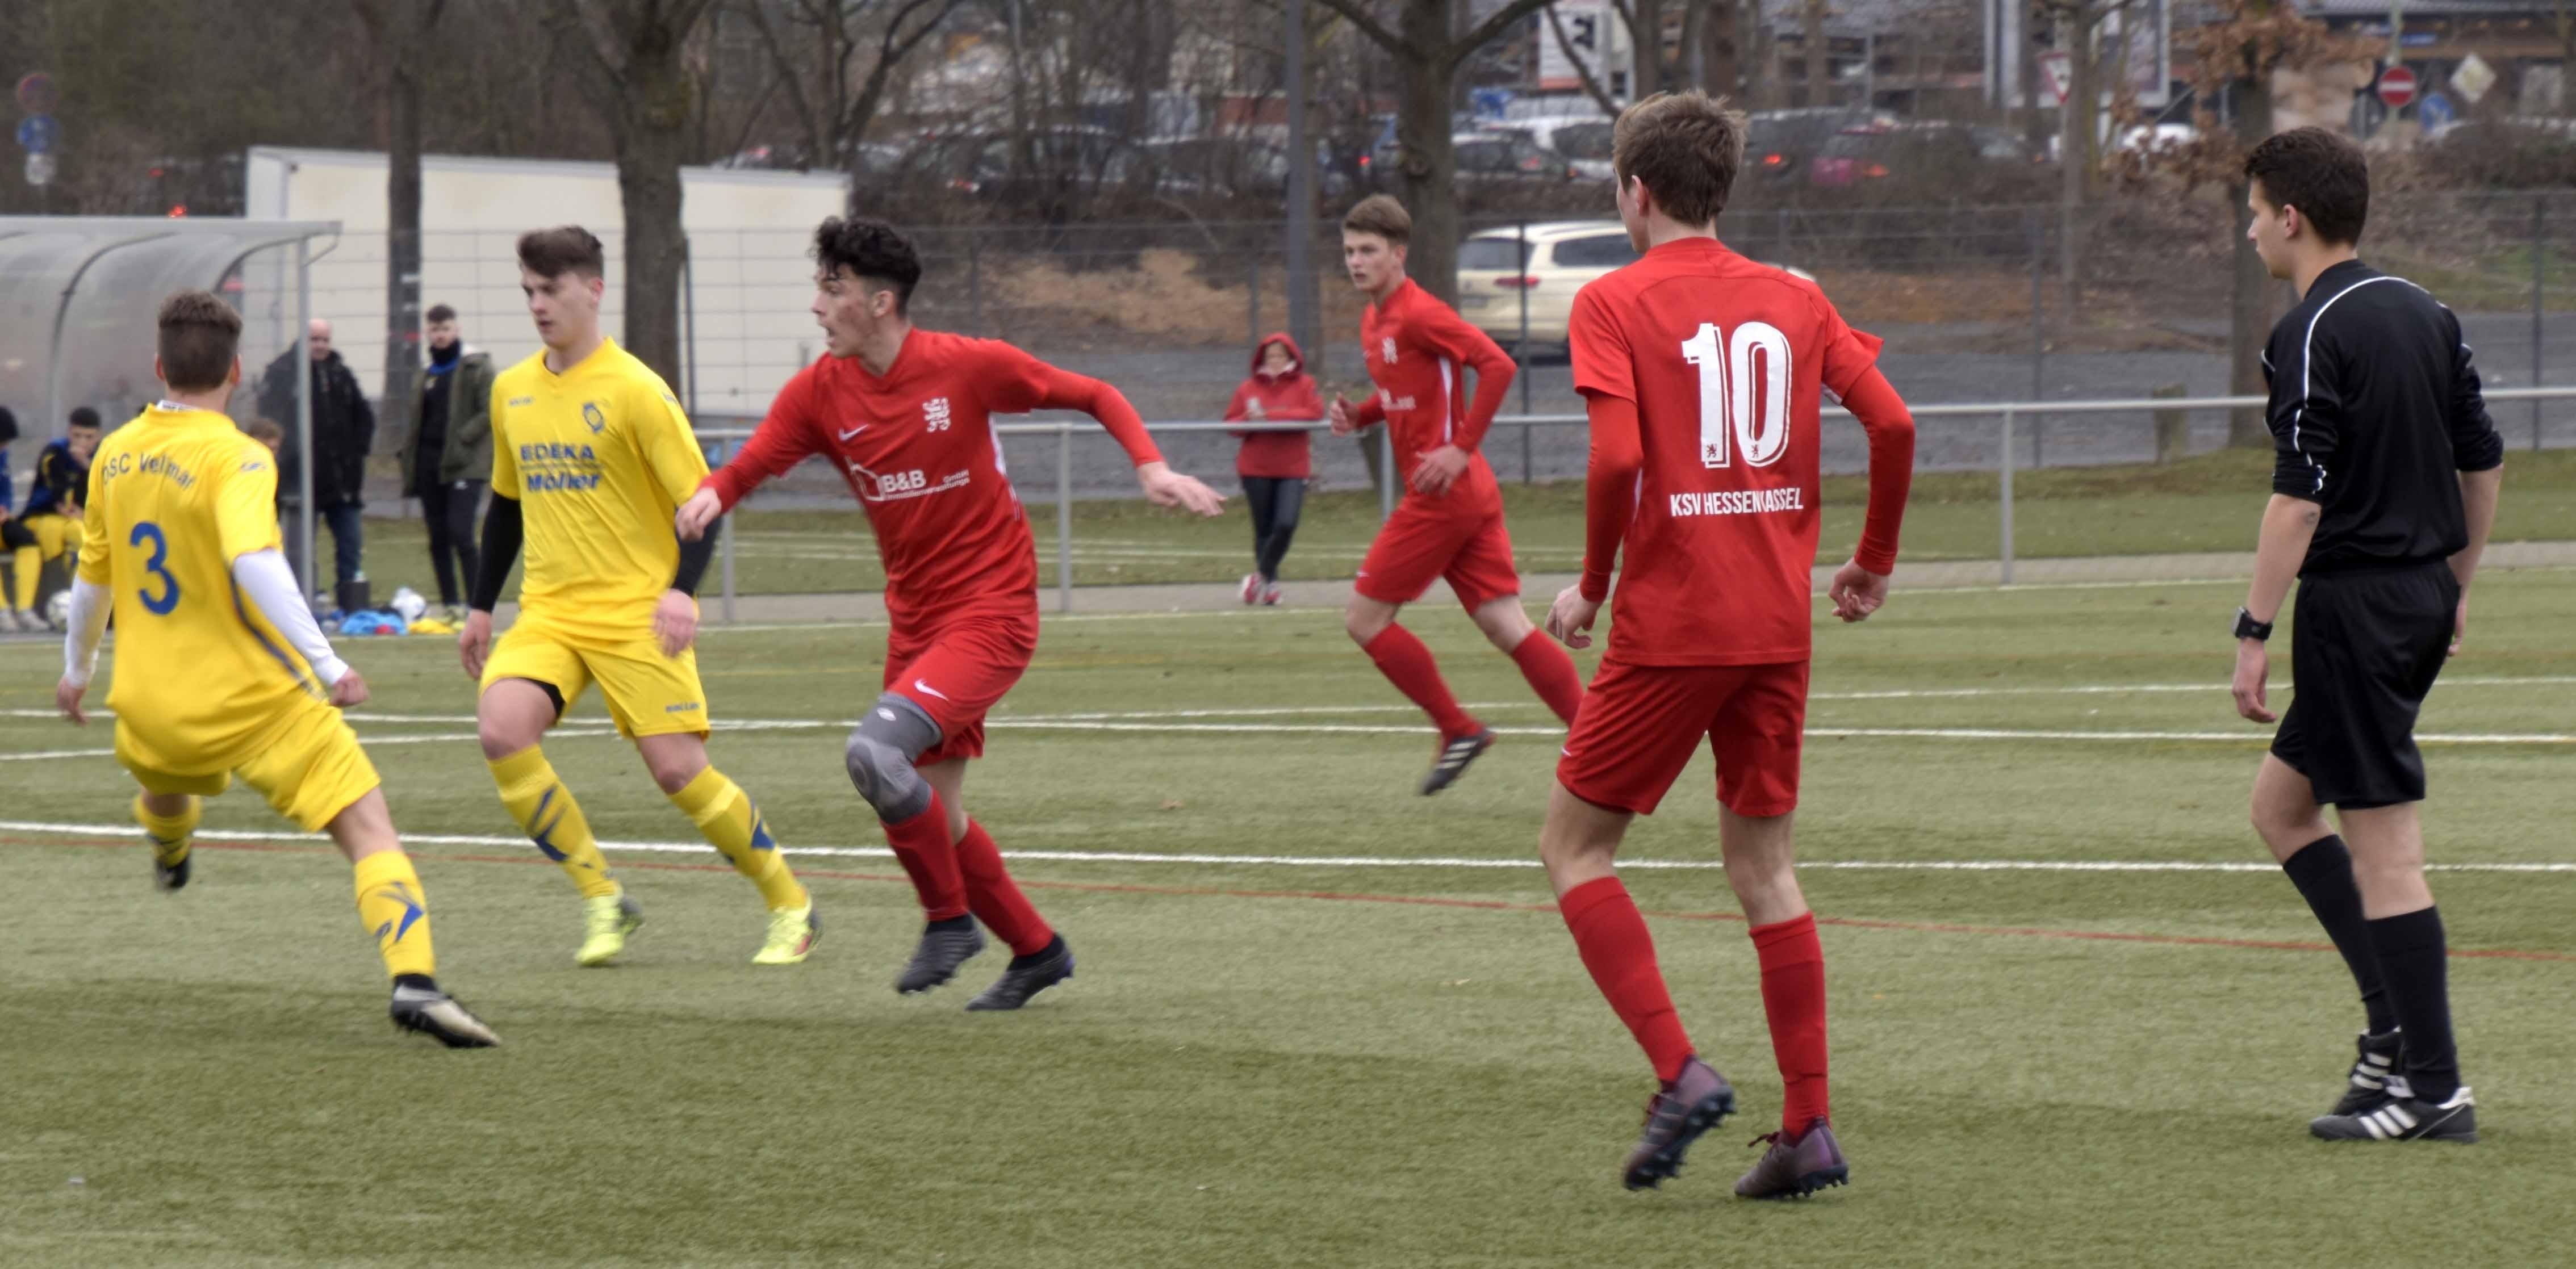 U17 - OSC Vellmar U19